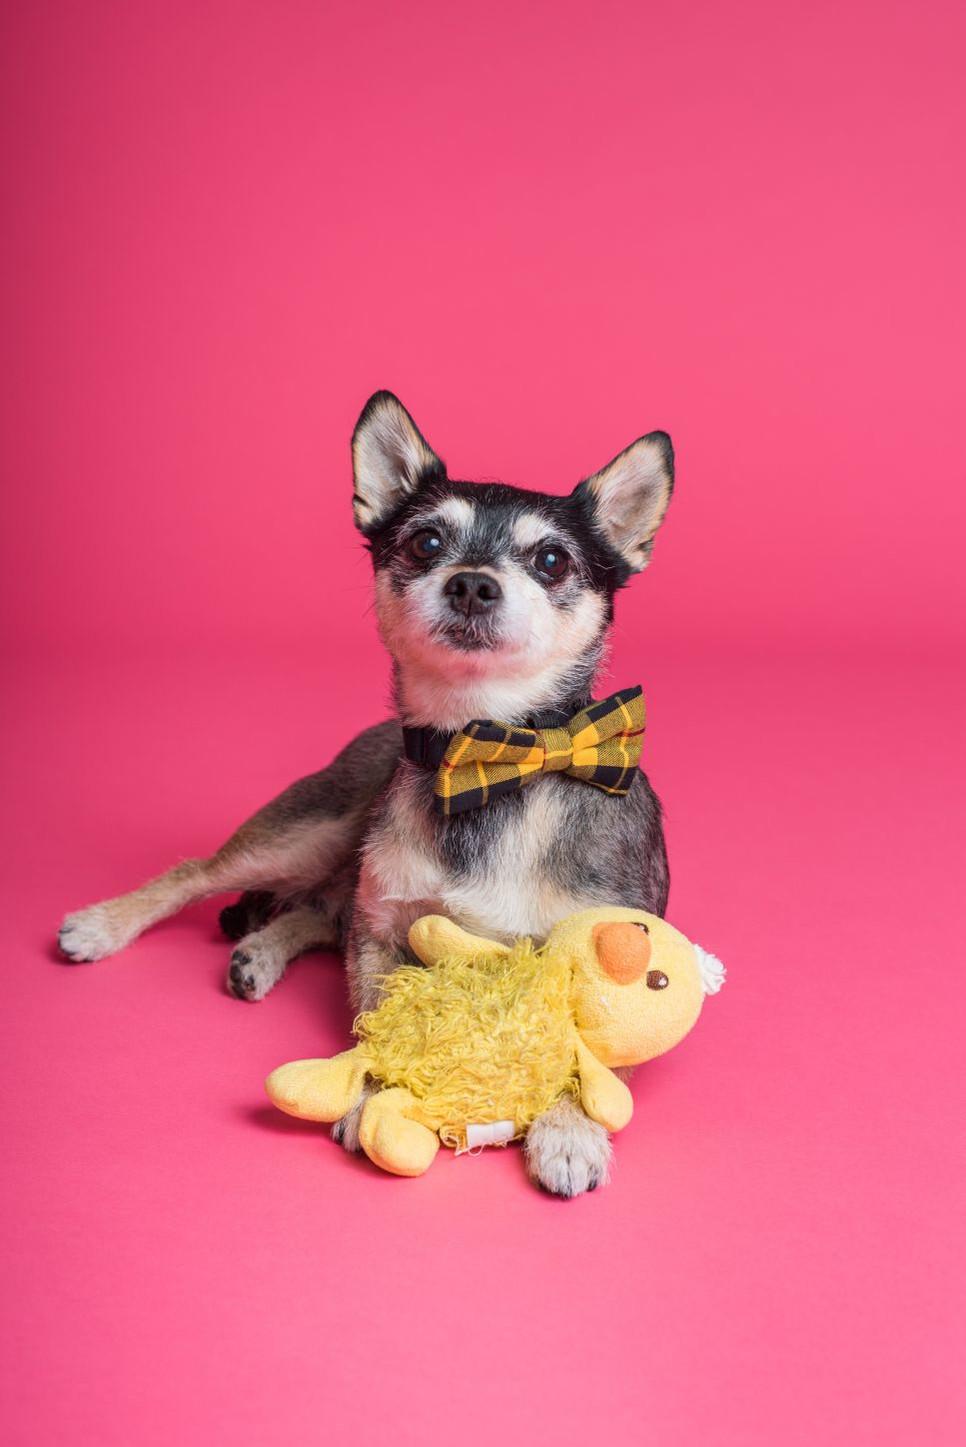 dlaczego pies nosi żółtą wstążką na szyi?